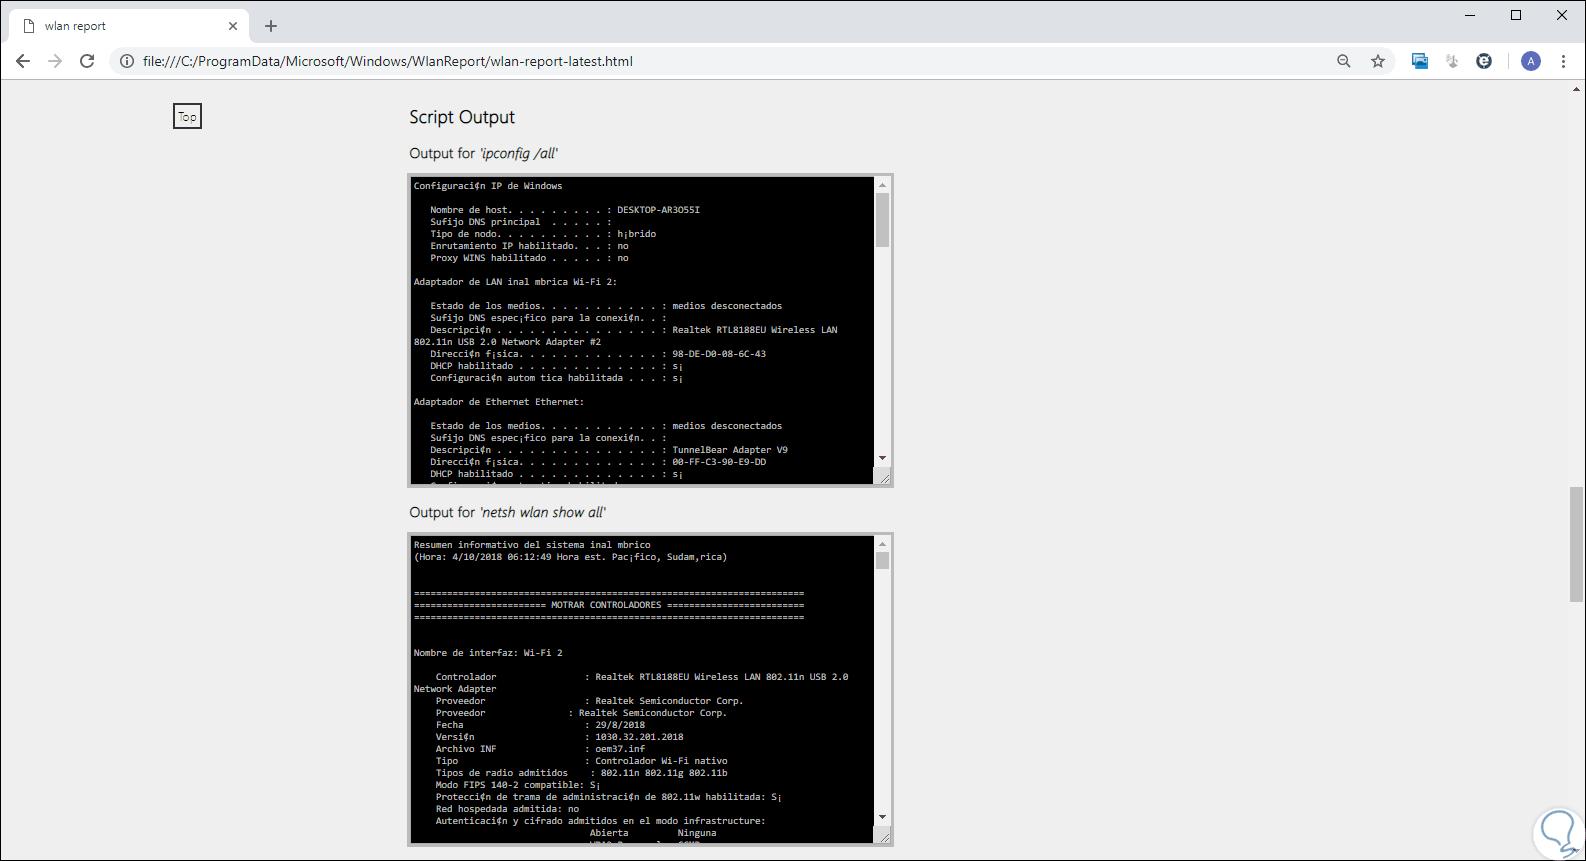 Cómo analizar y crear informe WiFi en Windows 10 - Solvetic